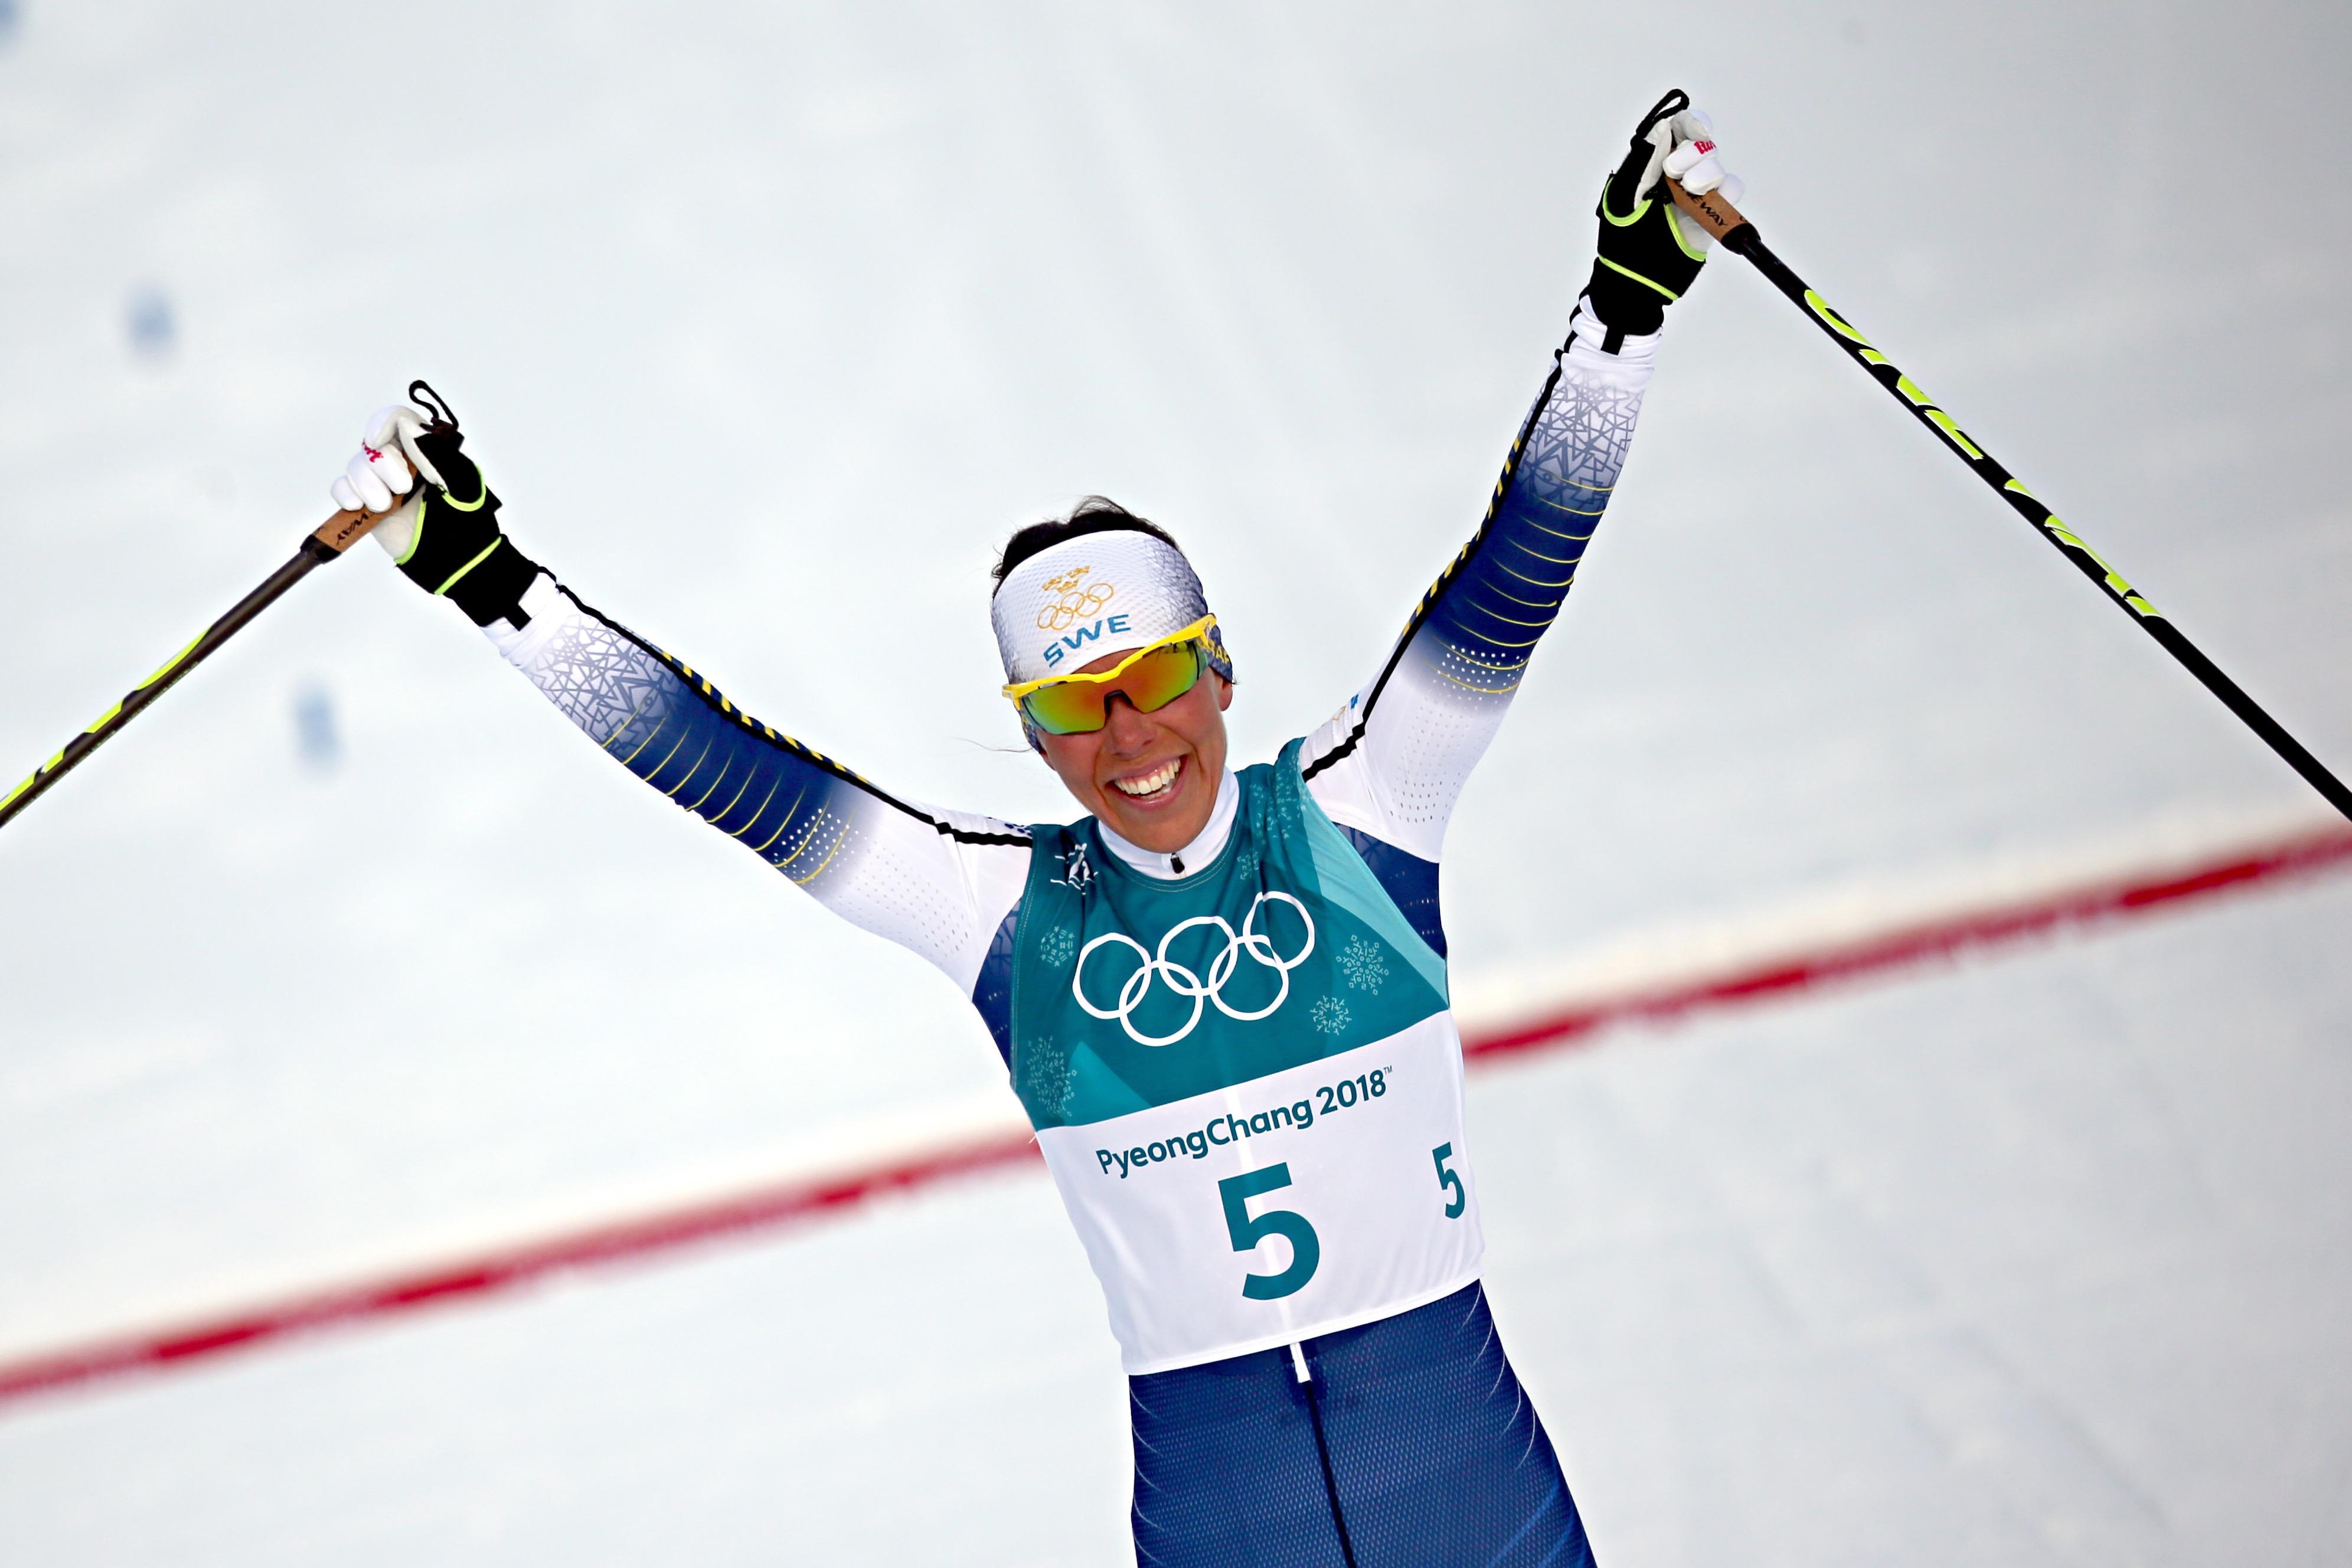 Charlotte Kalla, en or au skiathlon.